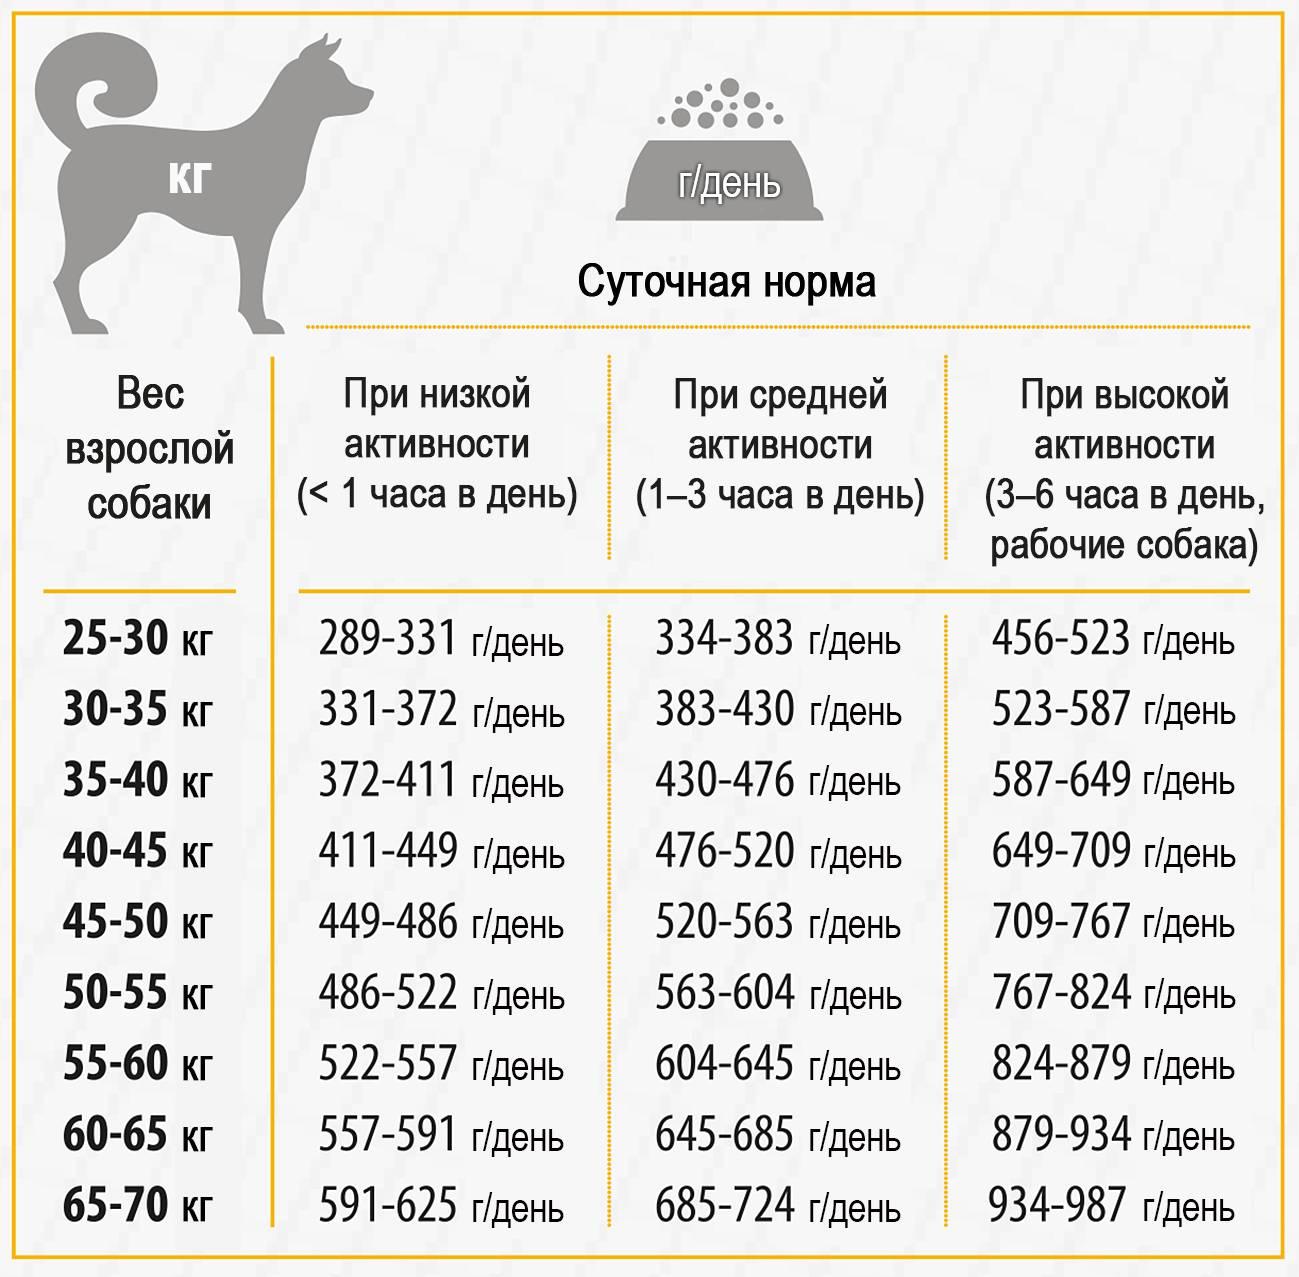 Можно ли собакам давать куриные кости: сырые и вареные, польза и возможный вред